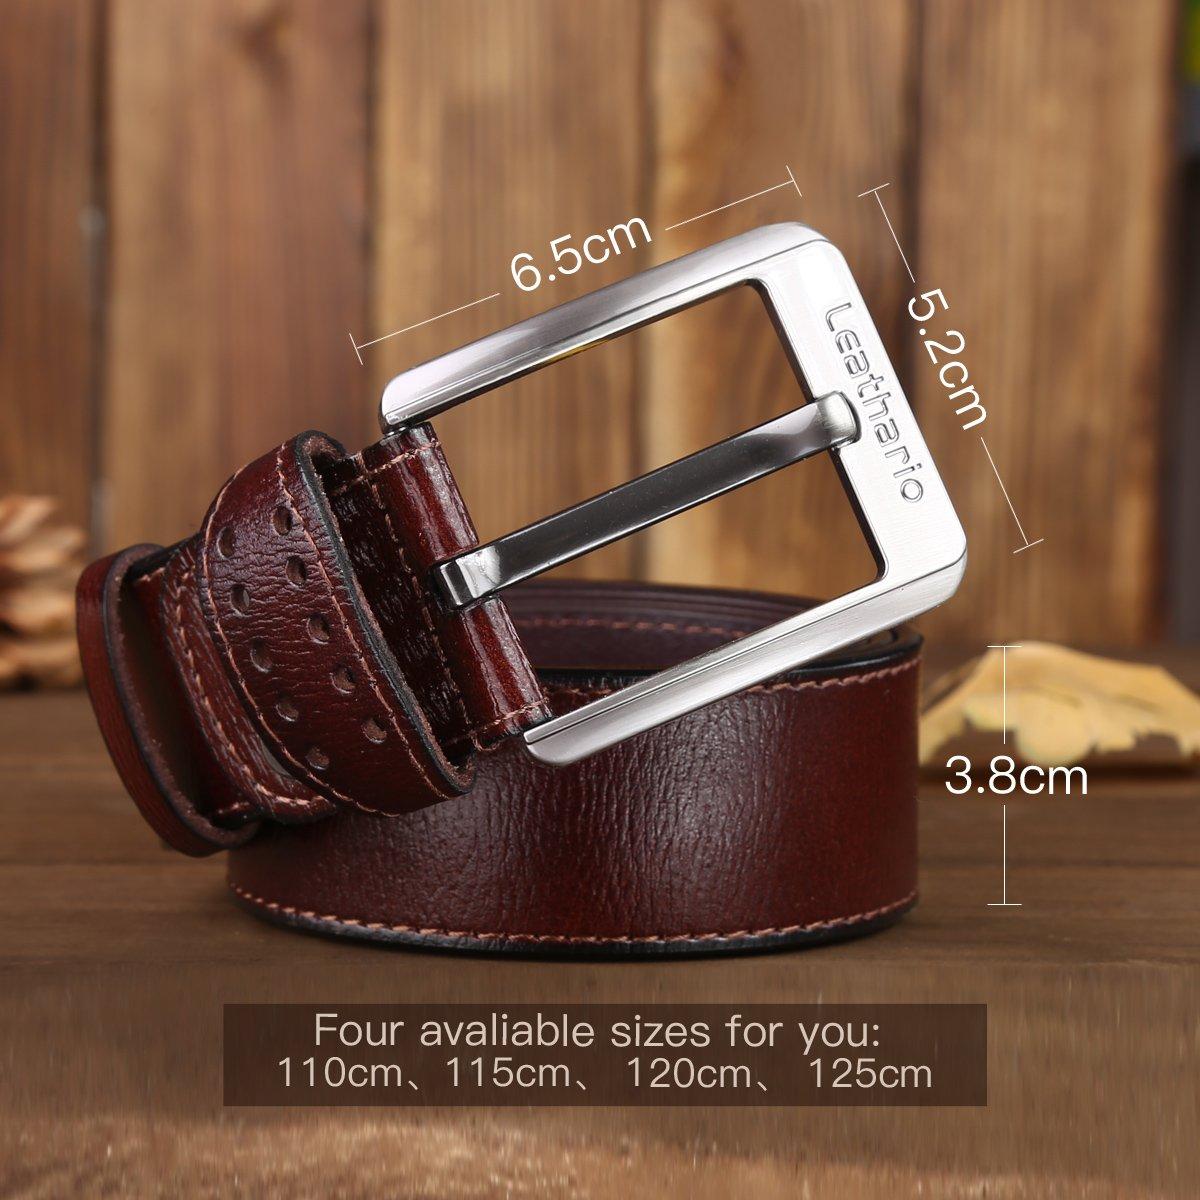 Leathario ceinture en cuir unisexe ceintures cuir veritale pour hommes  ceintures de boucles fixation de aiguille en couleur cafe  Amazon.fr   Vêtements et ... eee5eddac52